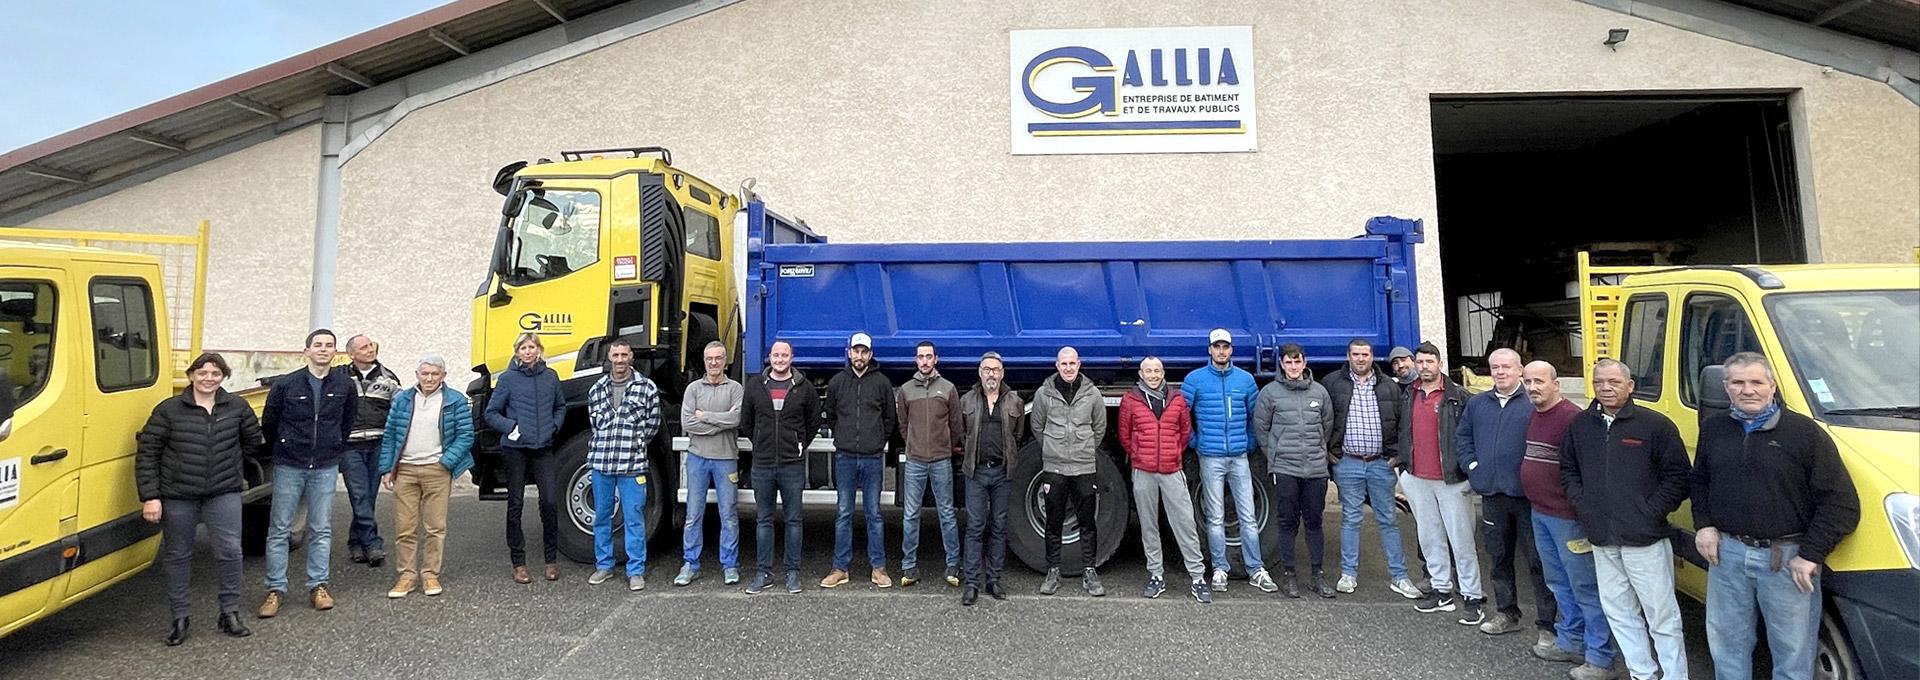 l'équipe Gallia